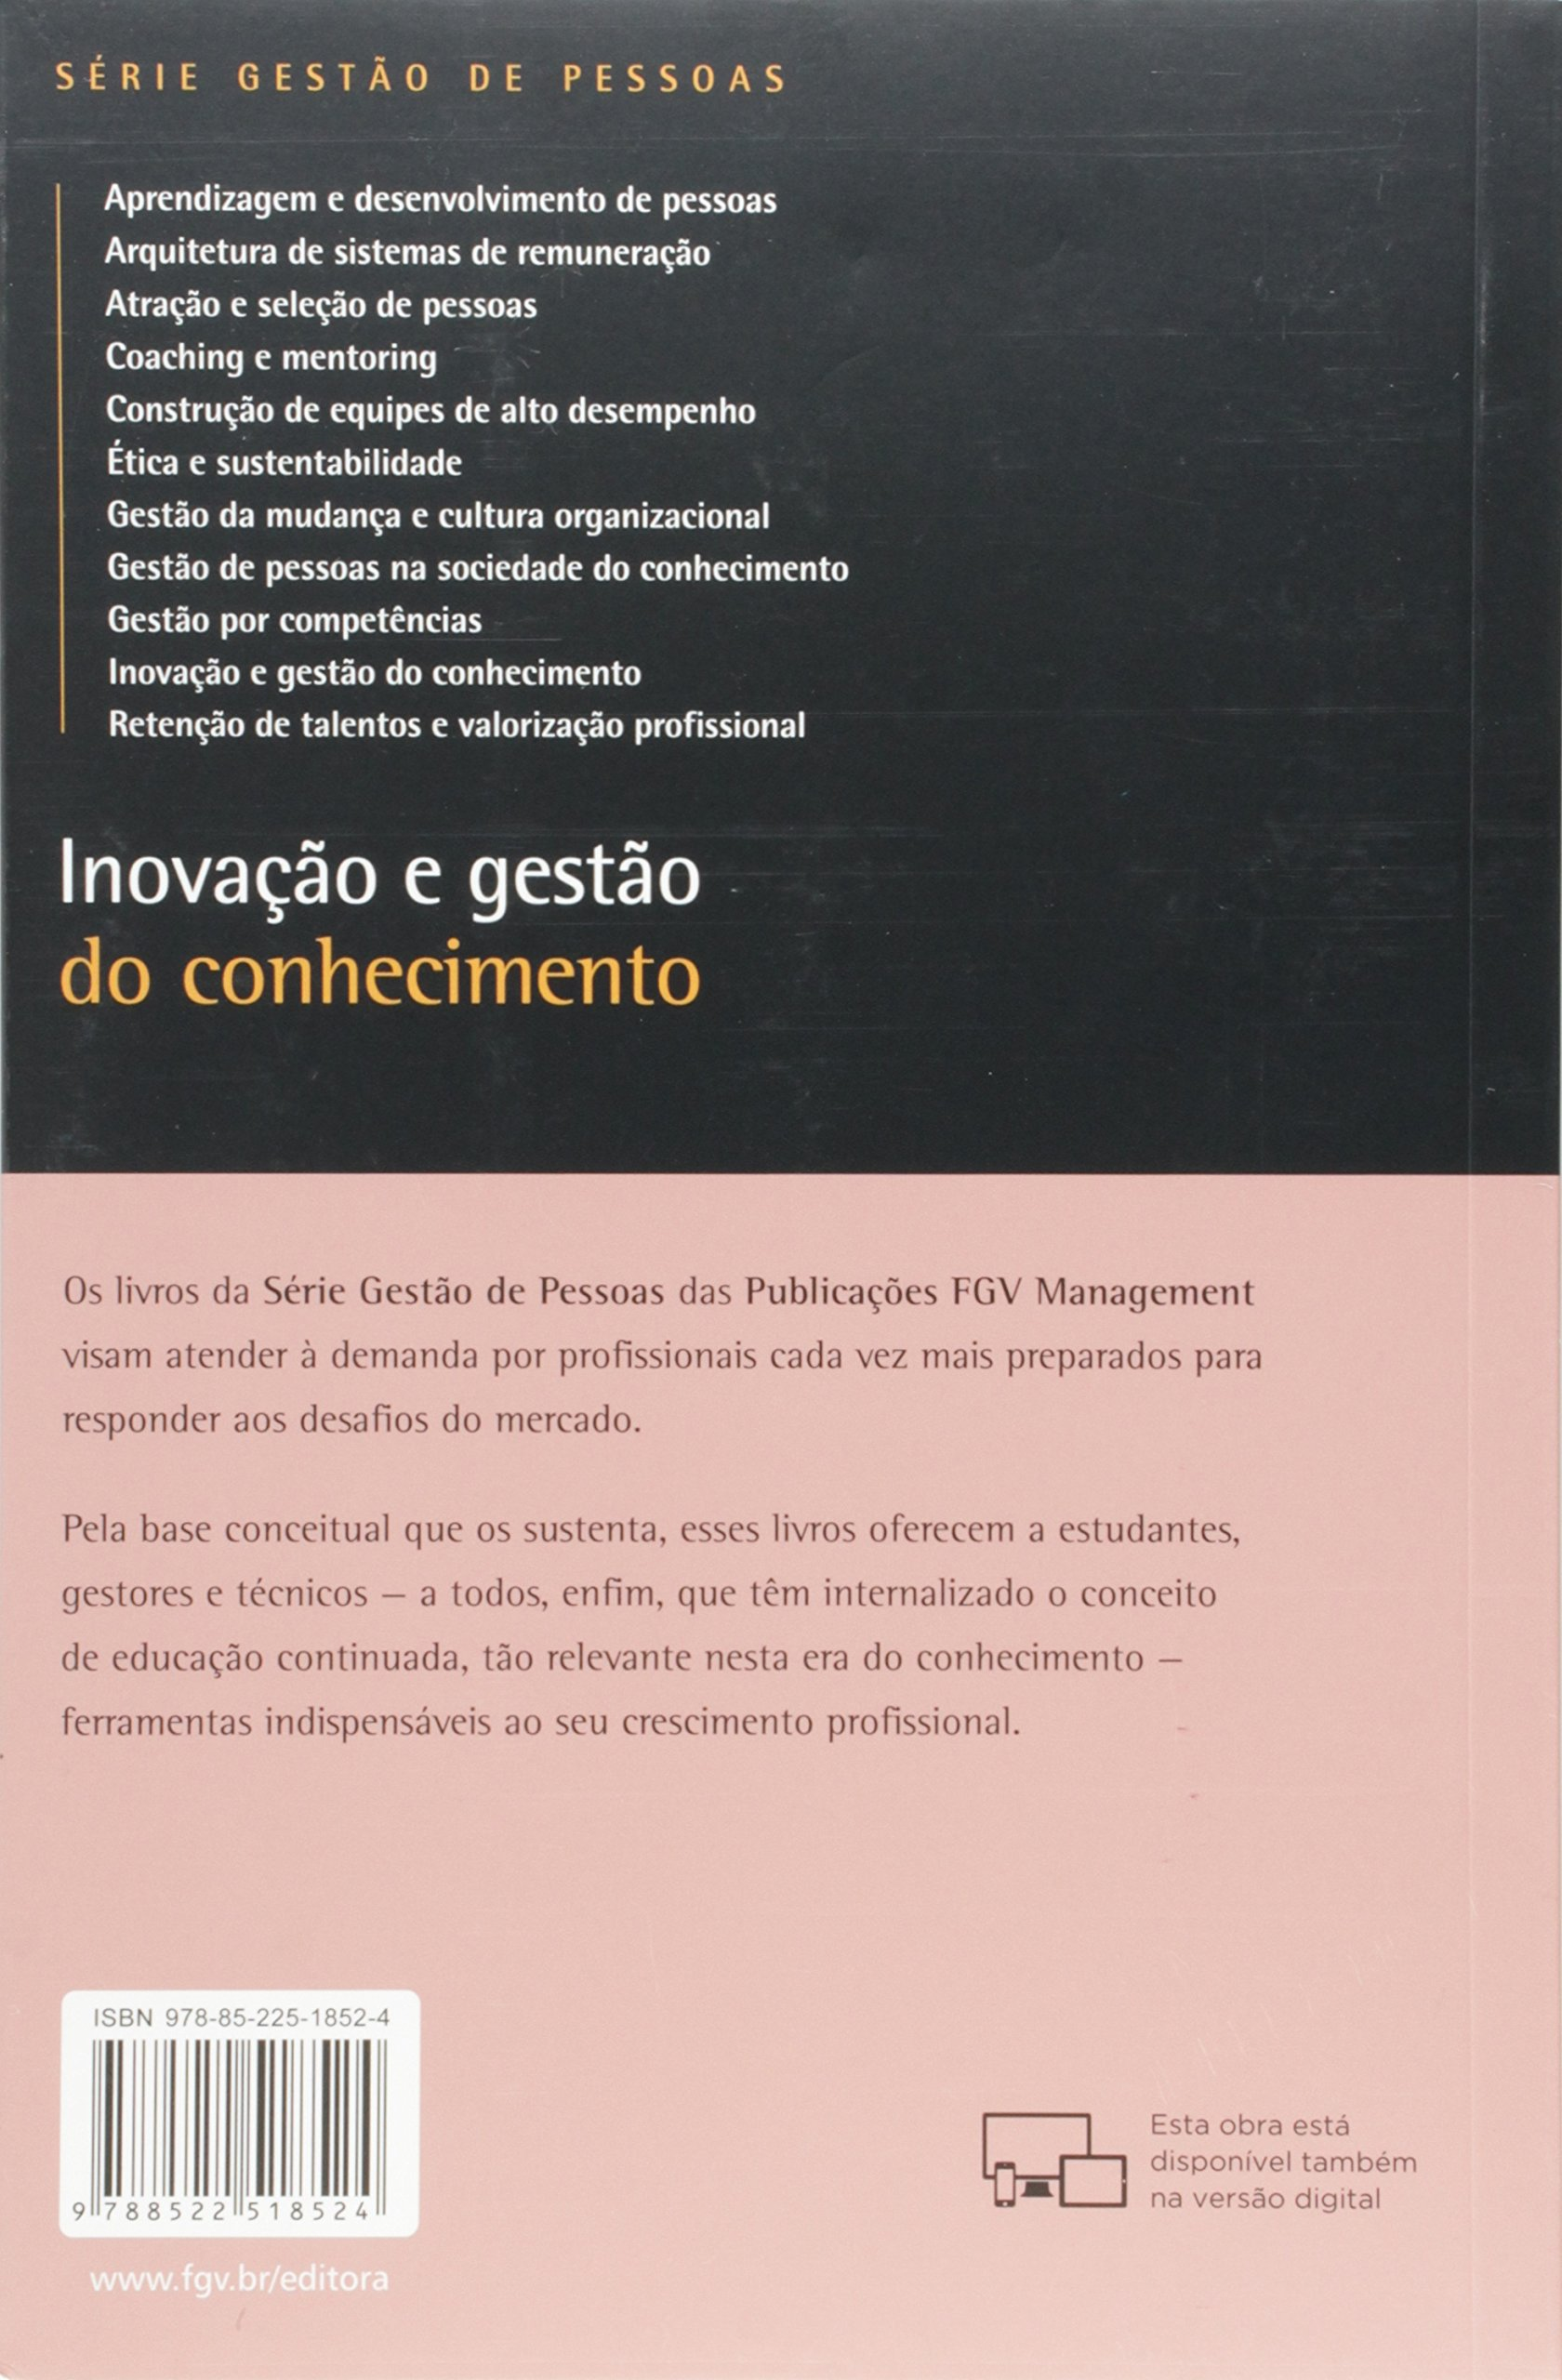 Inovação e Gestão de Conhecimento (Em Portuguese do Brasil): Vários Autores: 9788522518524: Amazon.com: Books